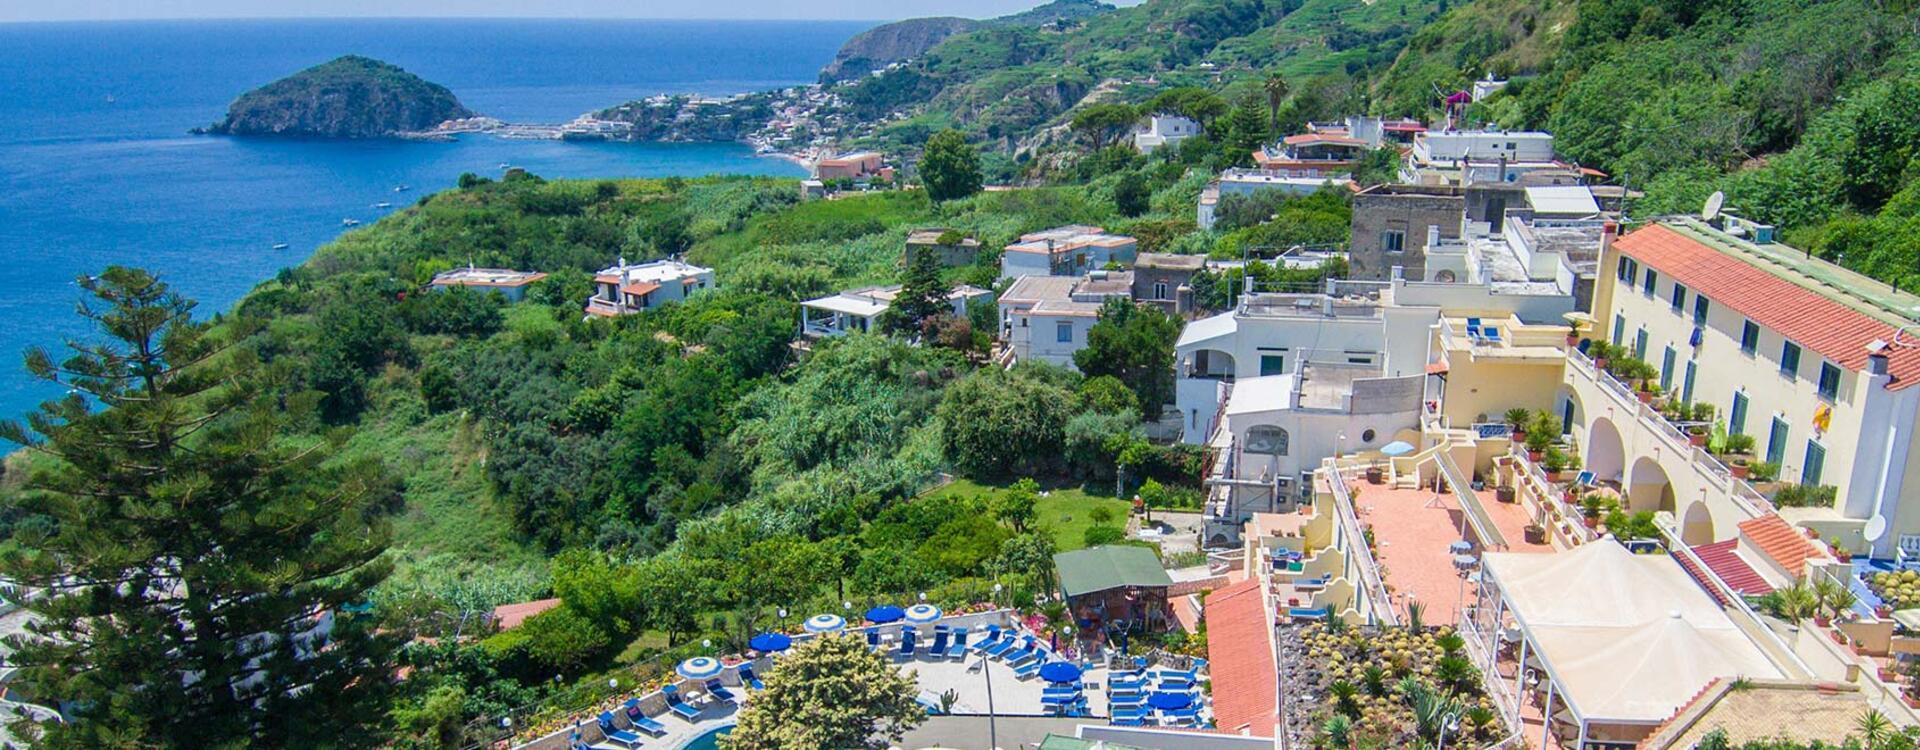 hotelsaintraphaelischia en hotel-ischia-beach-included 009